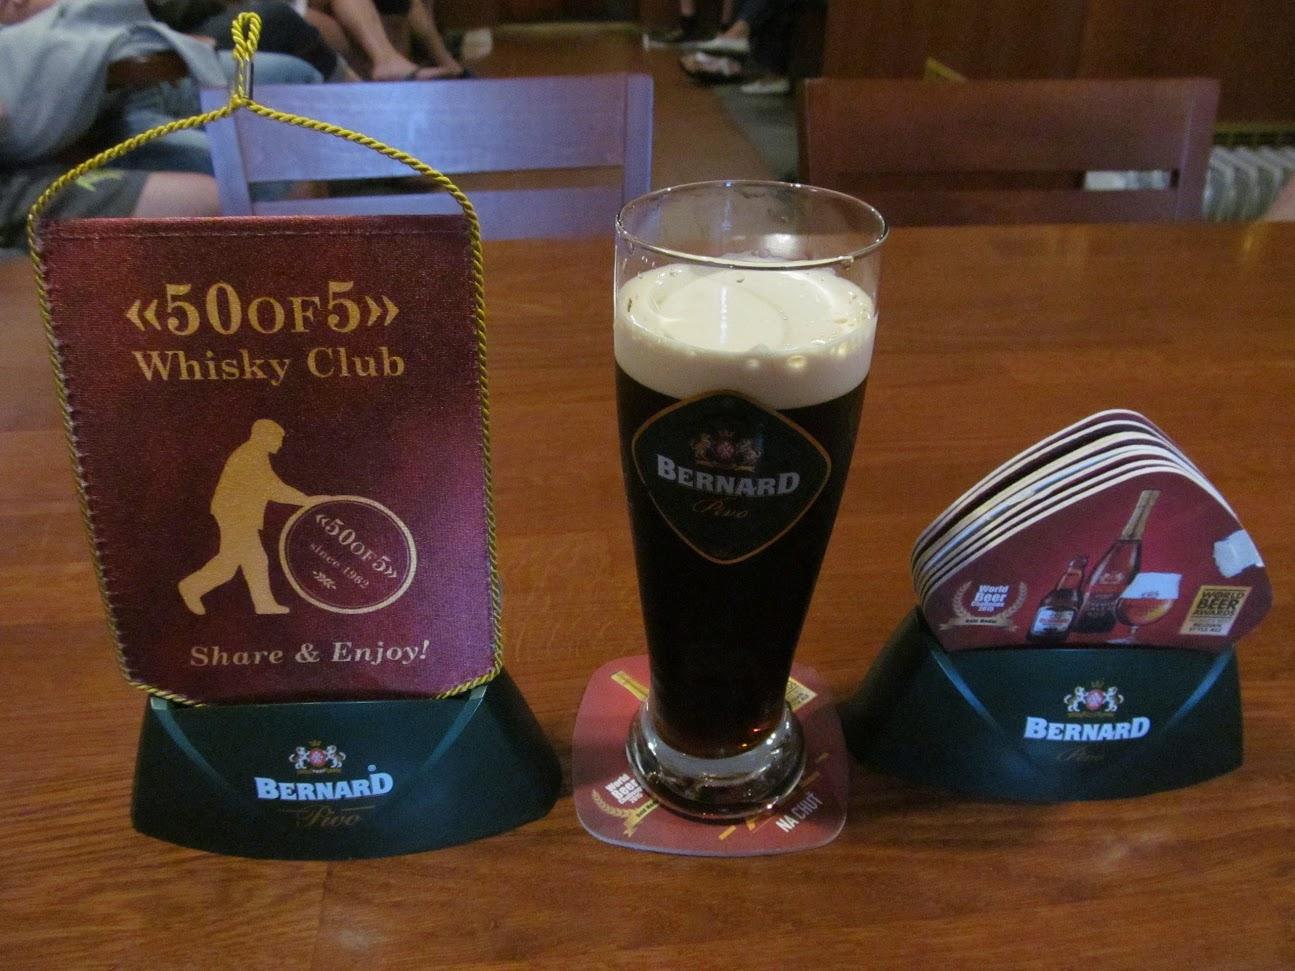 Bernard beer